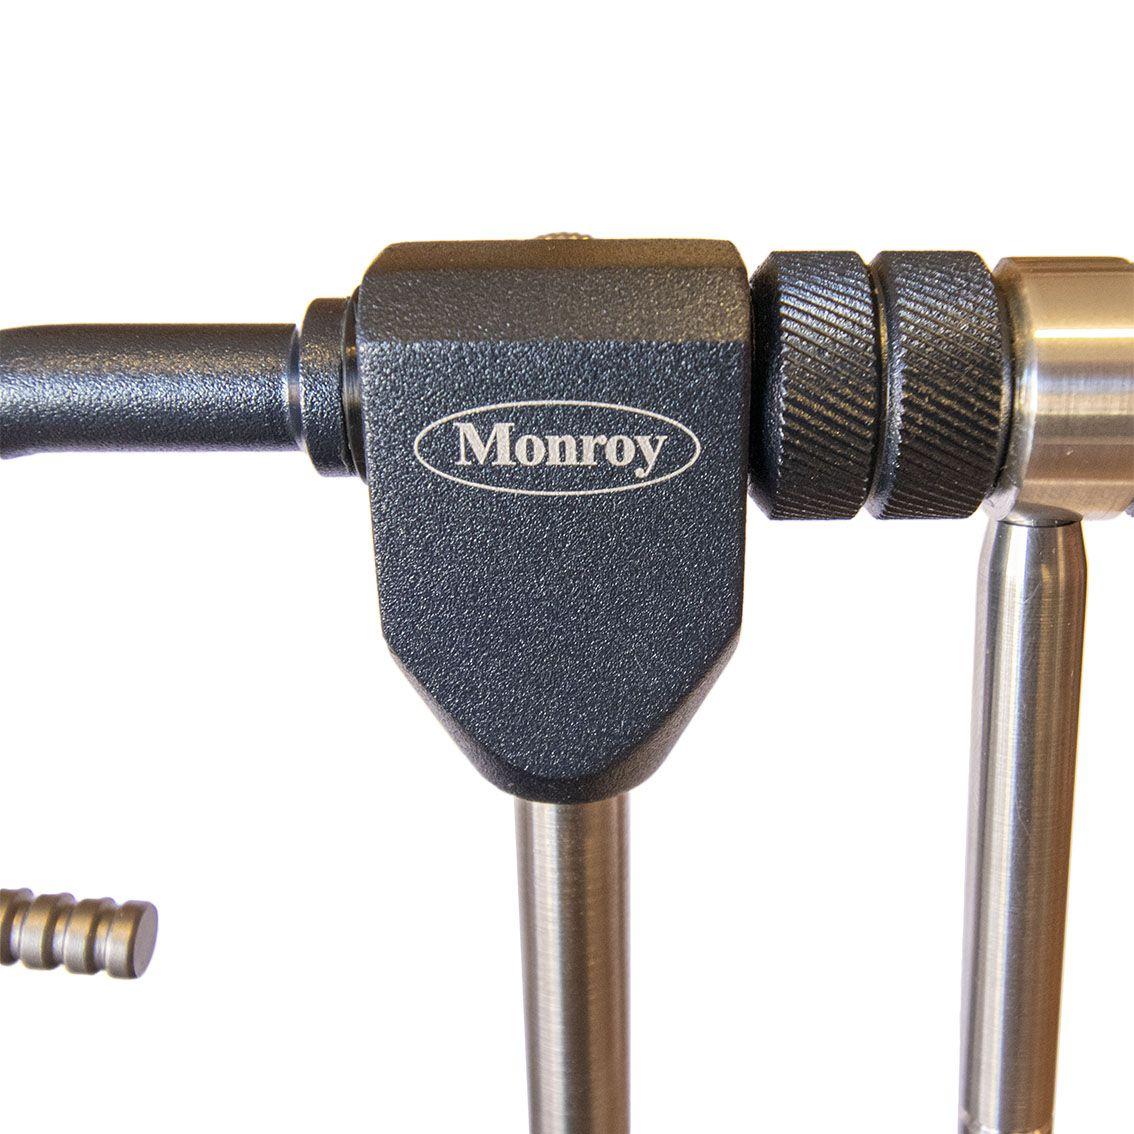 Morsa Rotatória Monroy Evolution